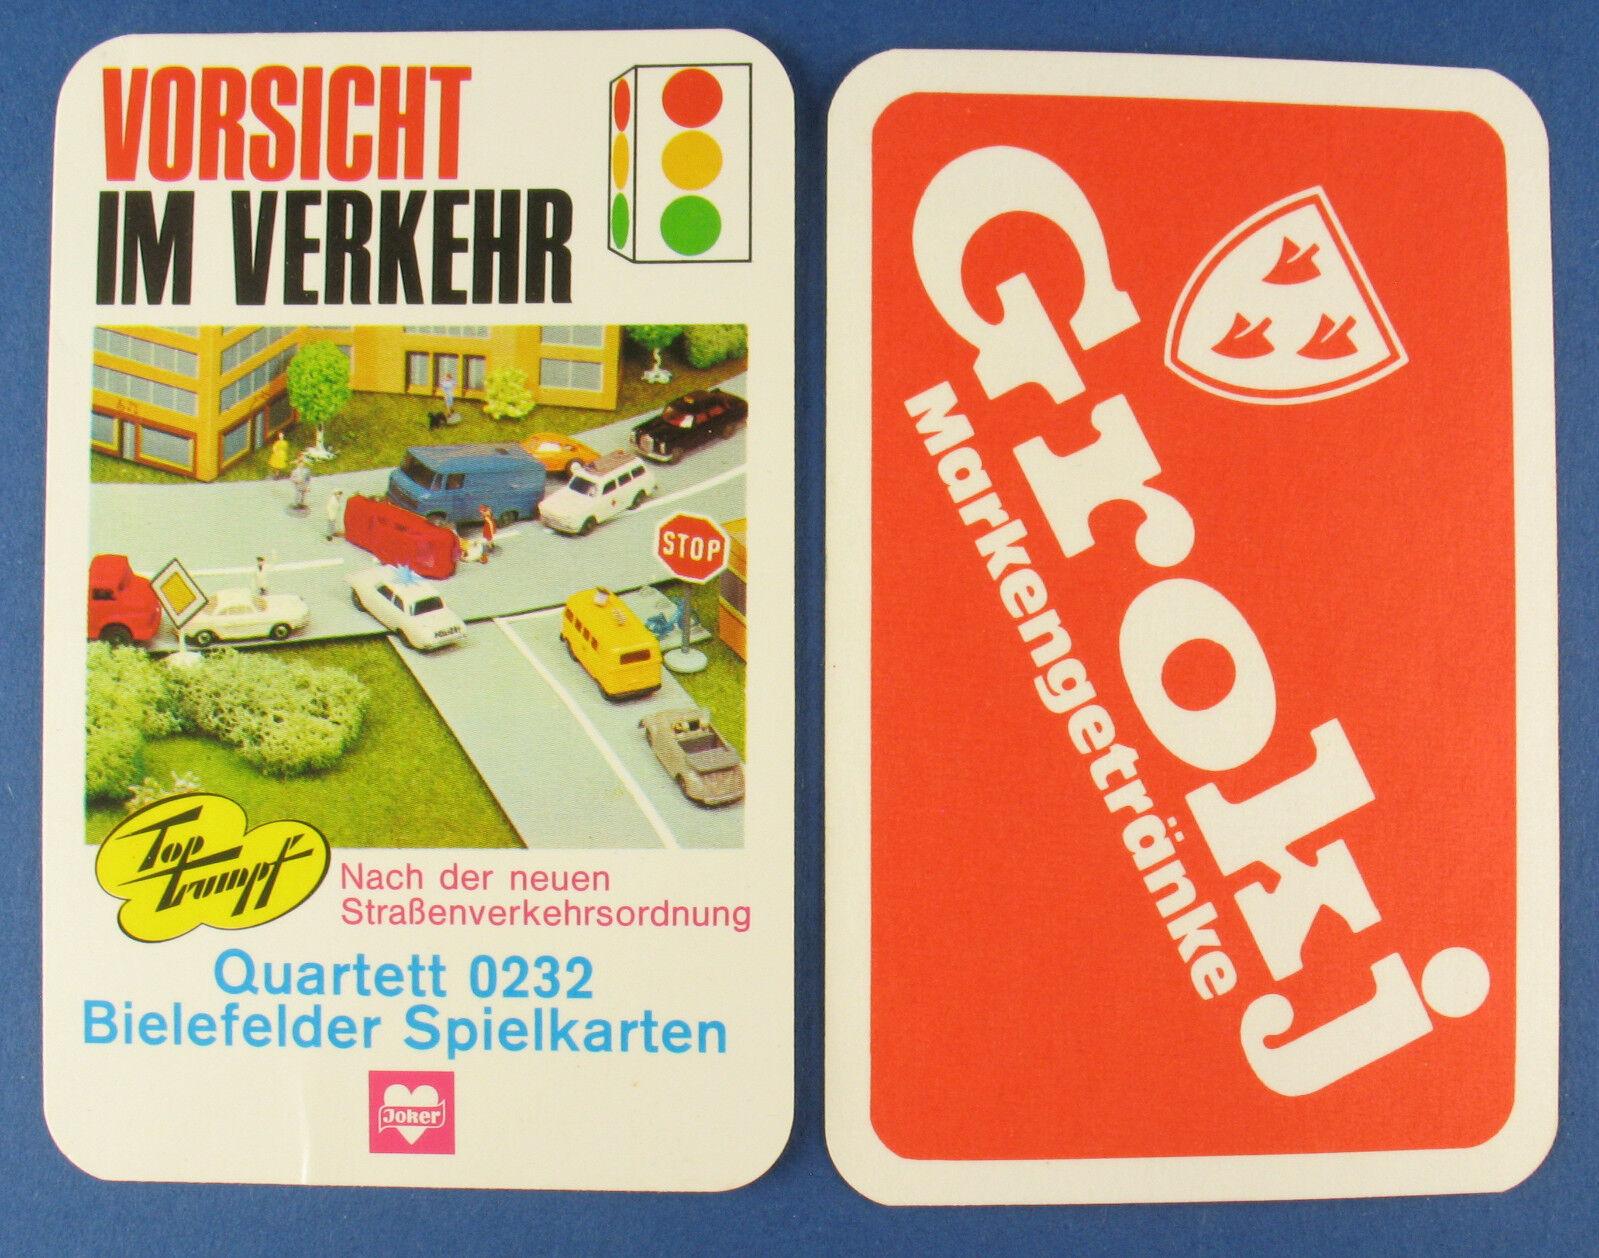 BIELEFELDER Qukonstett - VORSICHT IM VERKEHR - Braueri Egerer Grokj - Kkonstenspiel